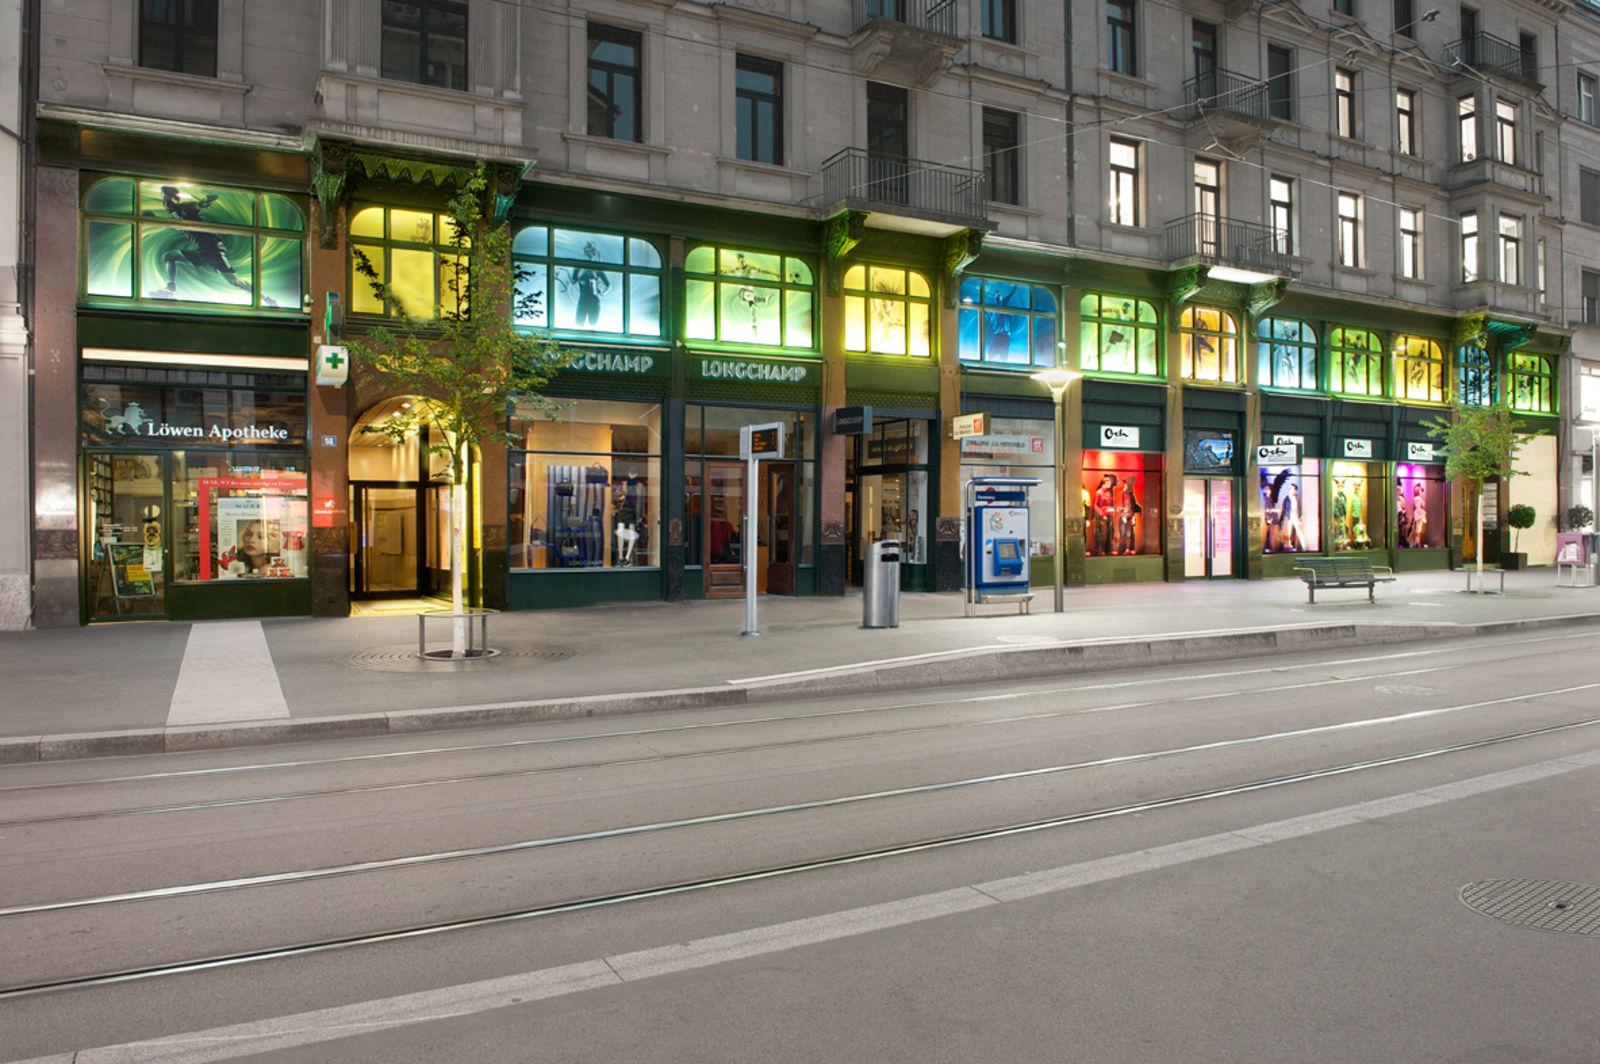 Och Sport à Zurich (Bild 9)